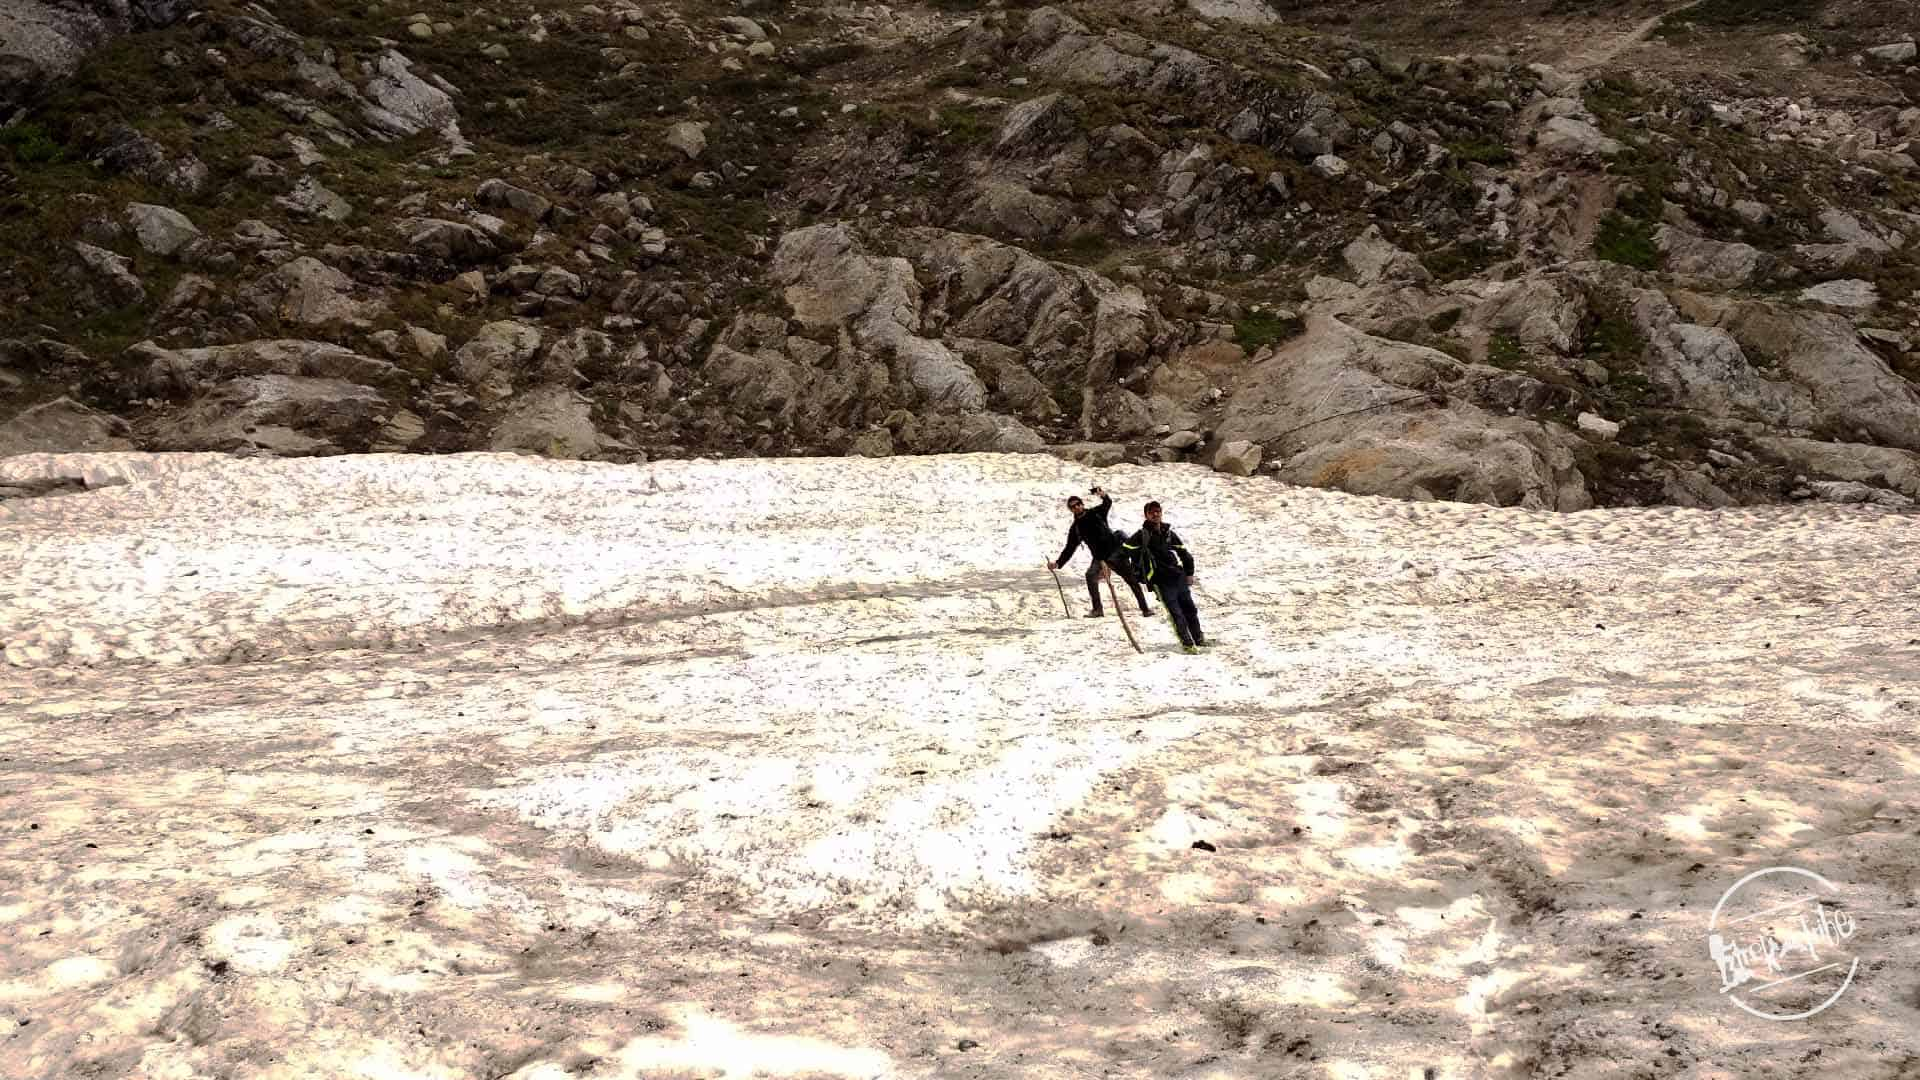 Trek to kinner kailash - crossing glacier